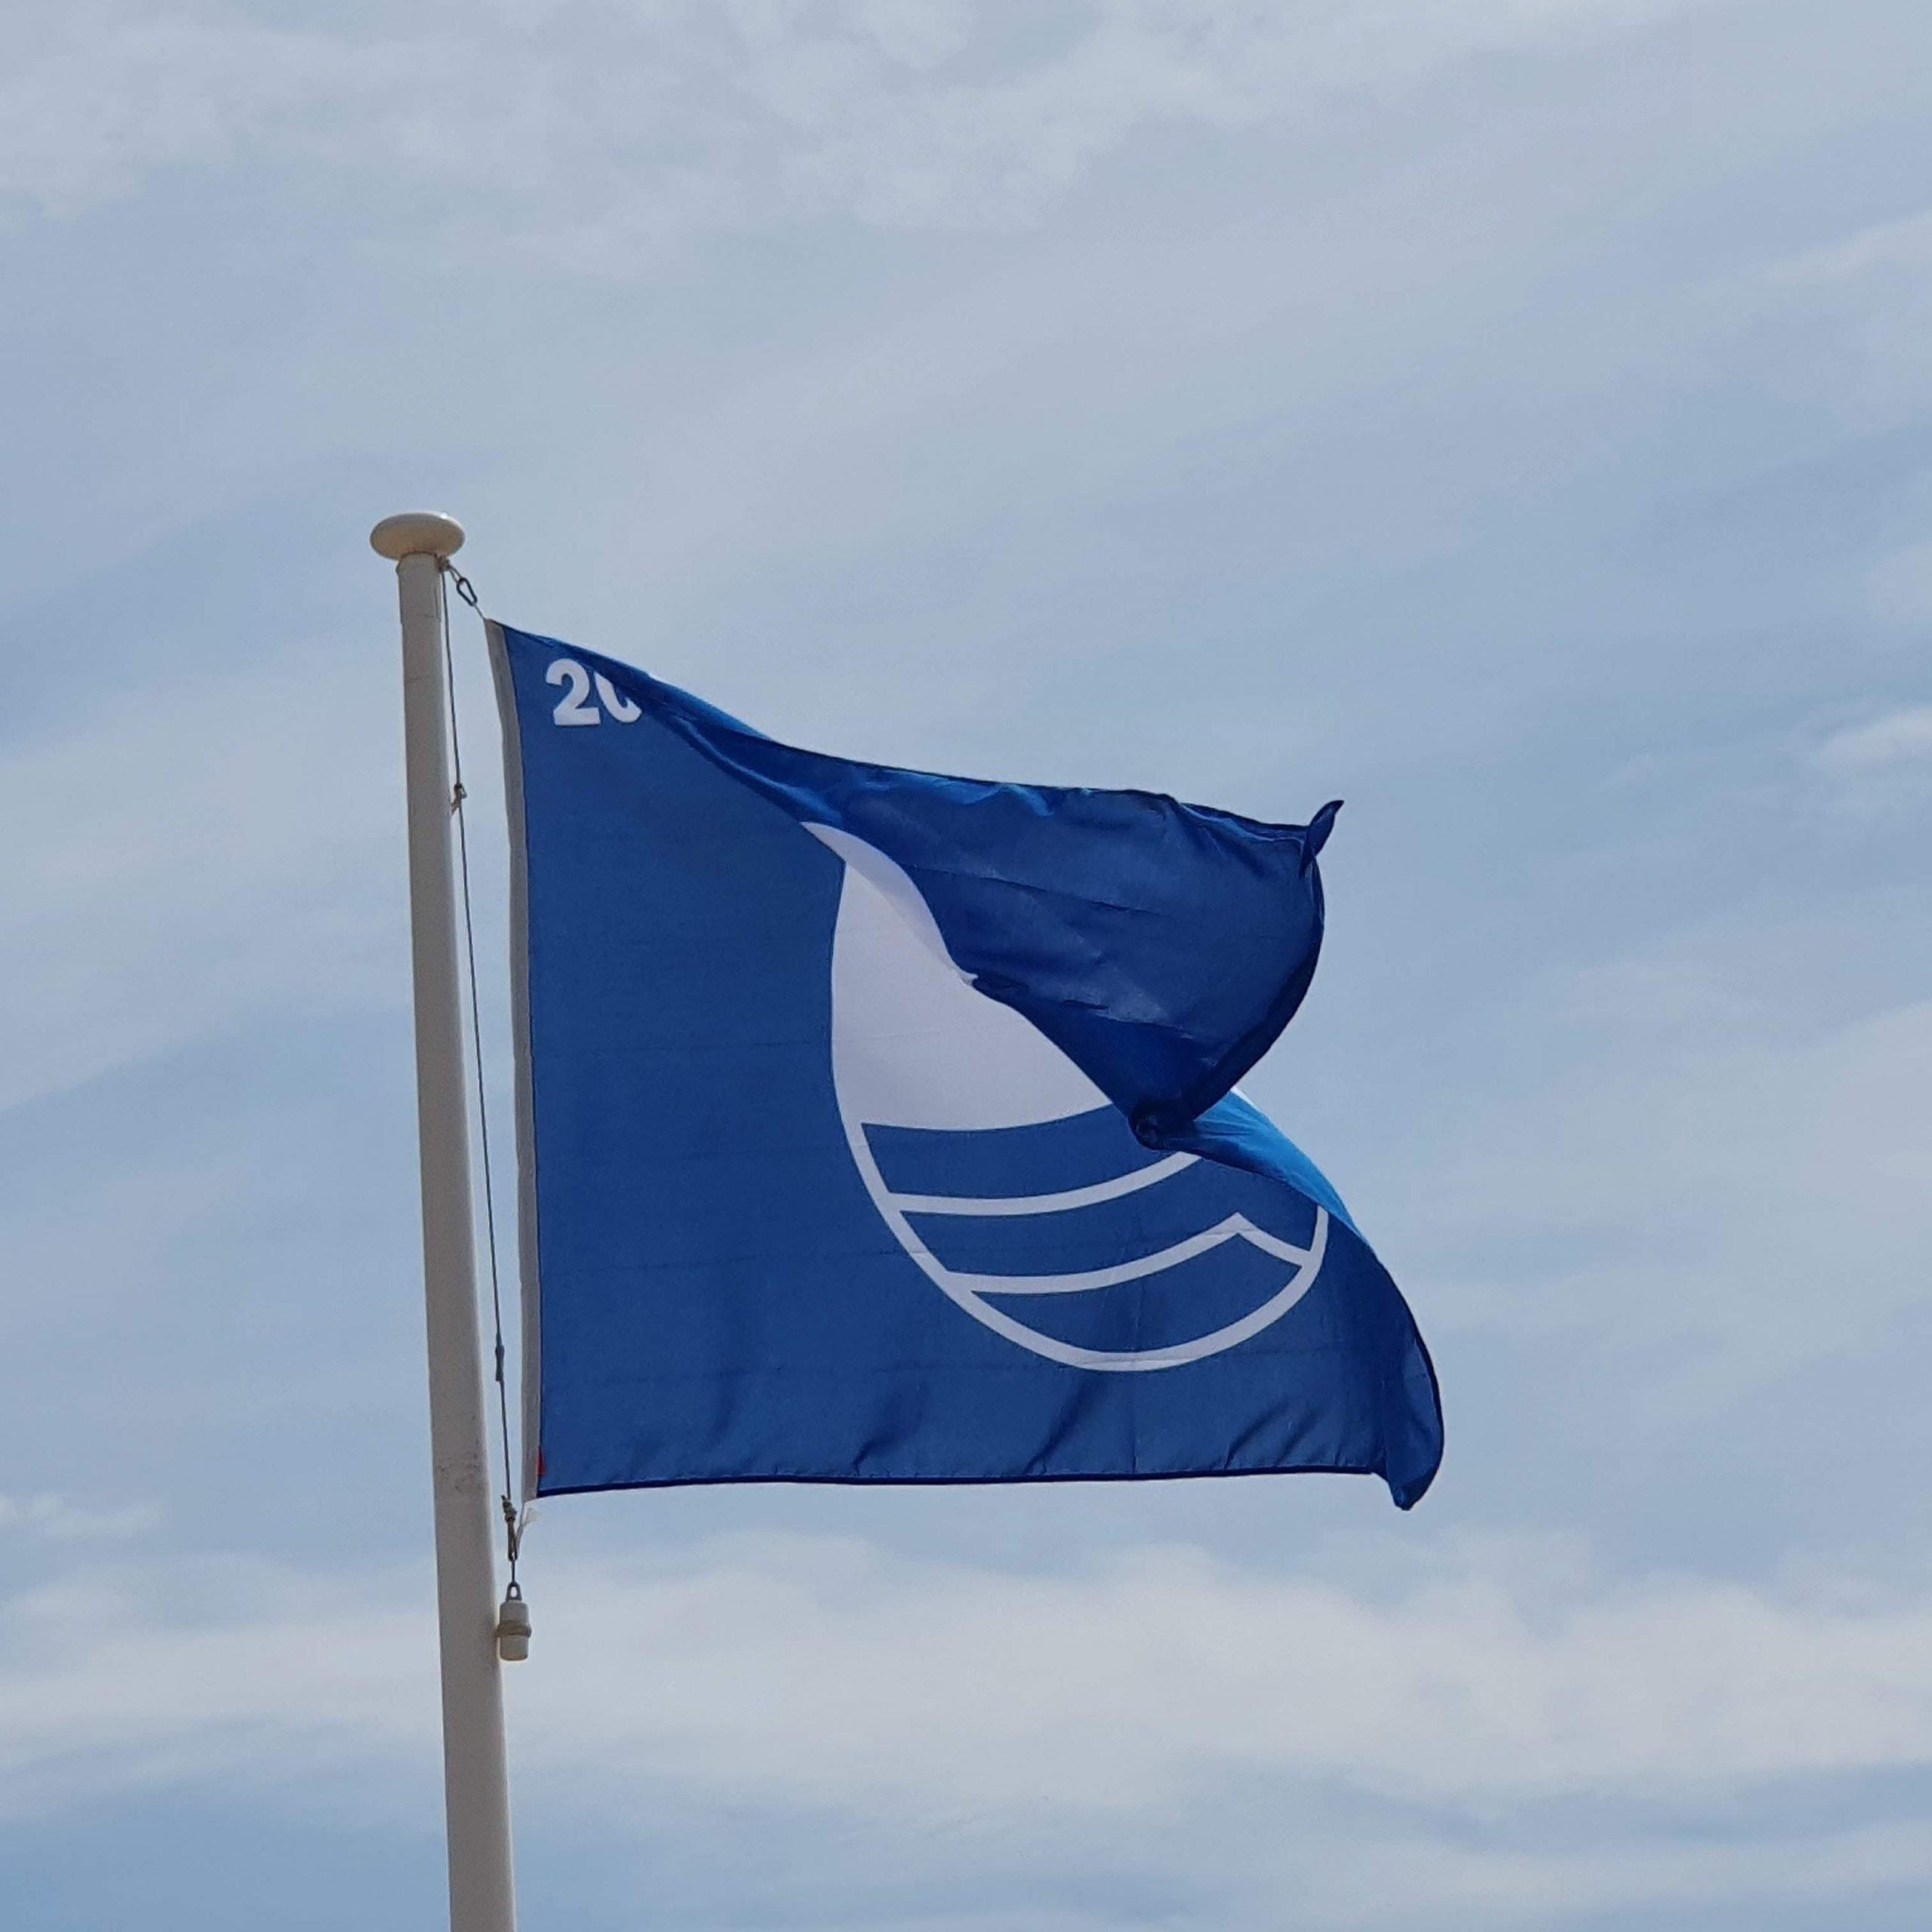 Les platges de Cunit renoven la Bandera Blava per aquest 2021